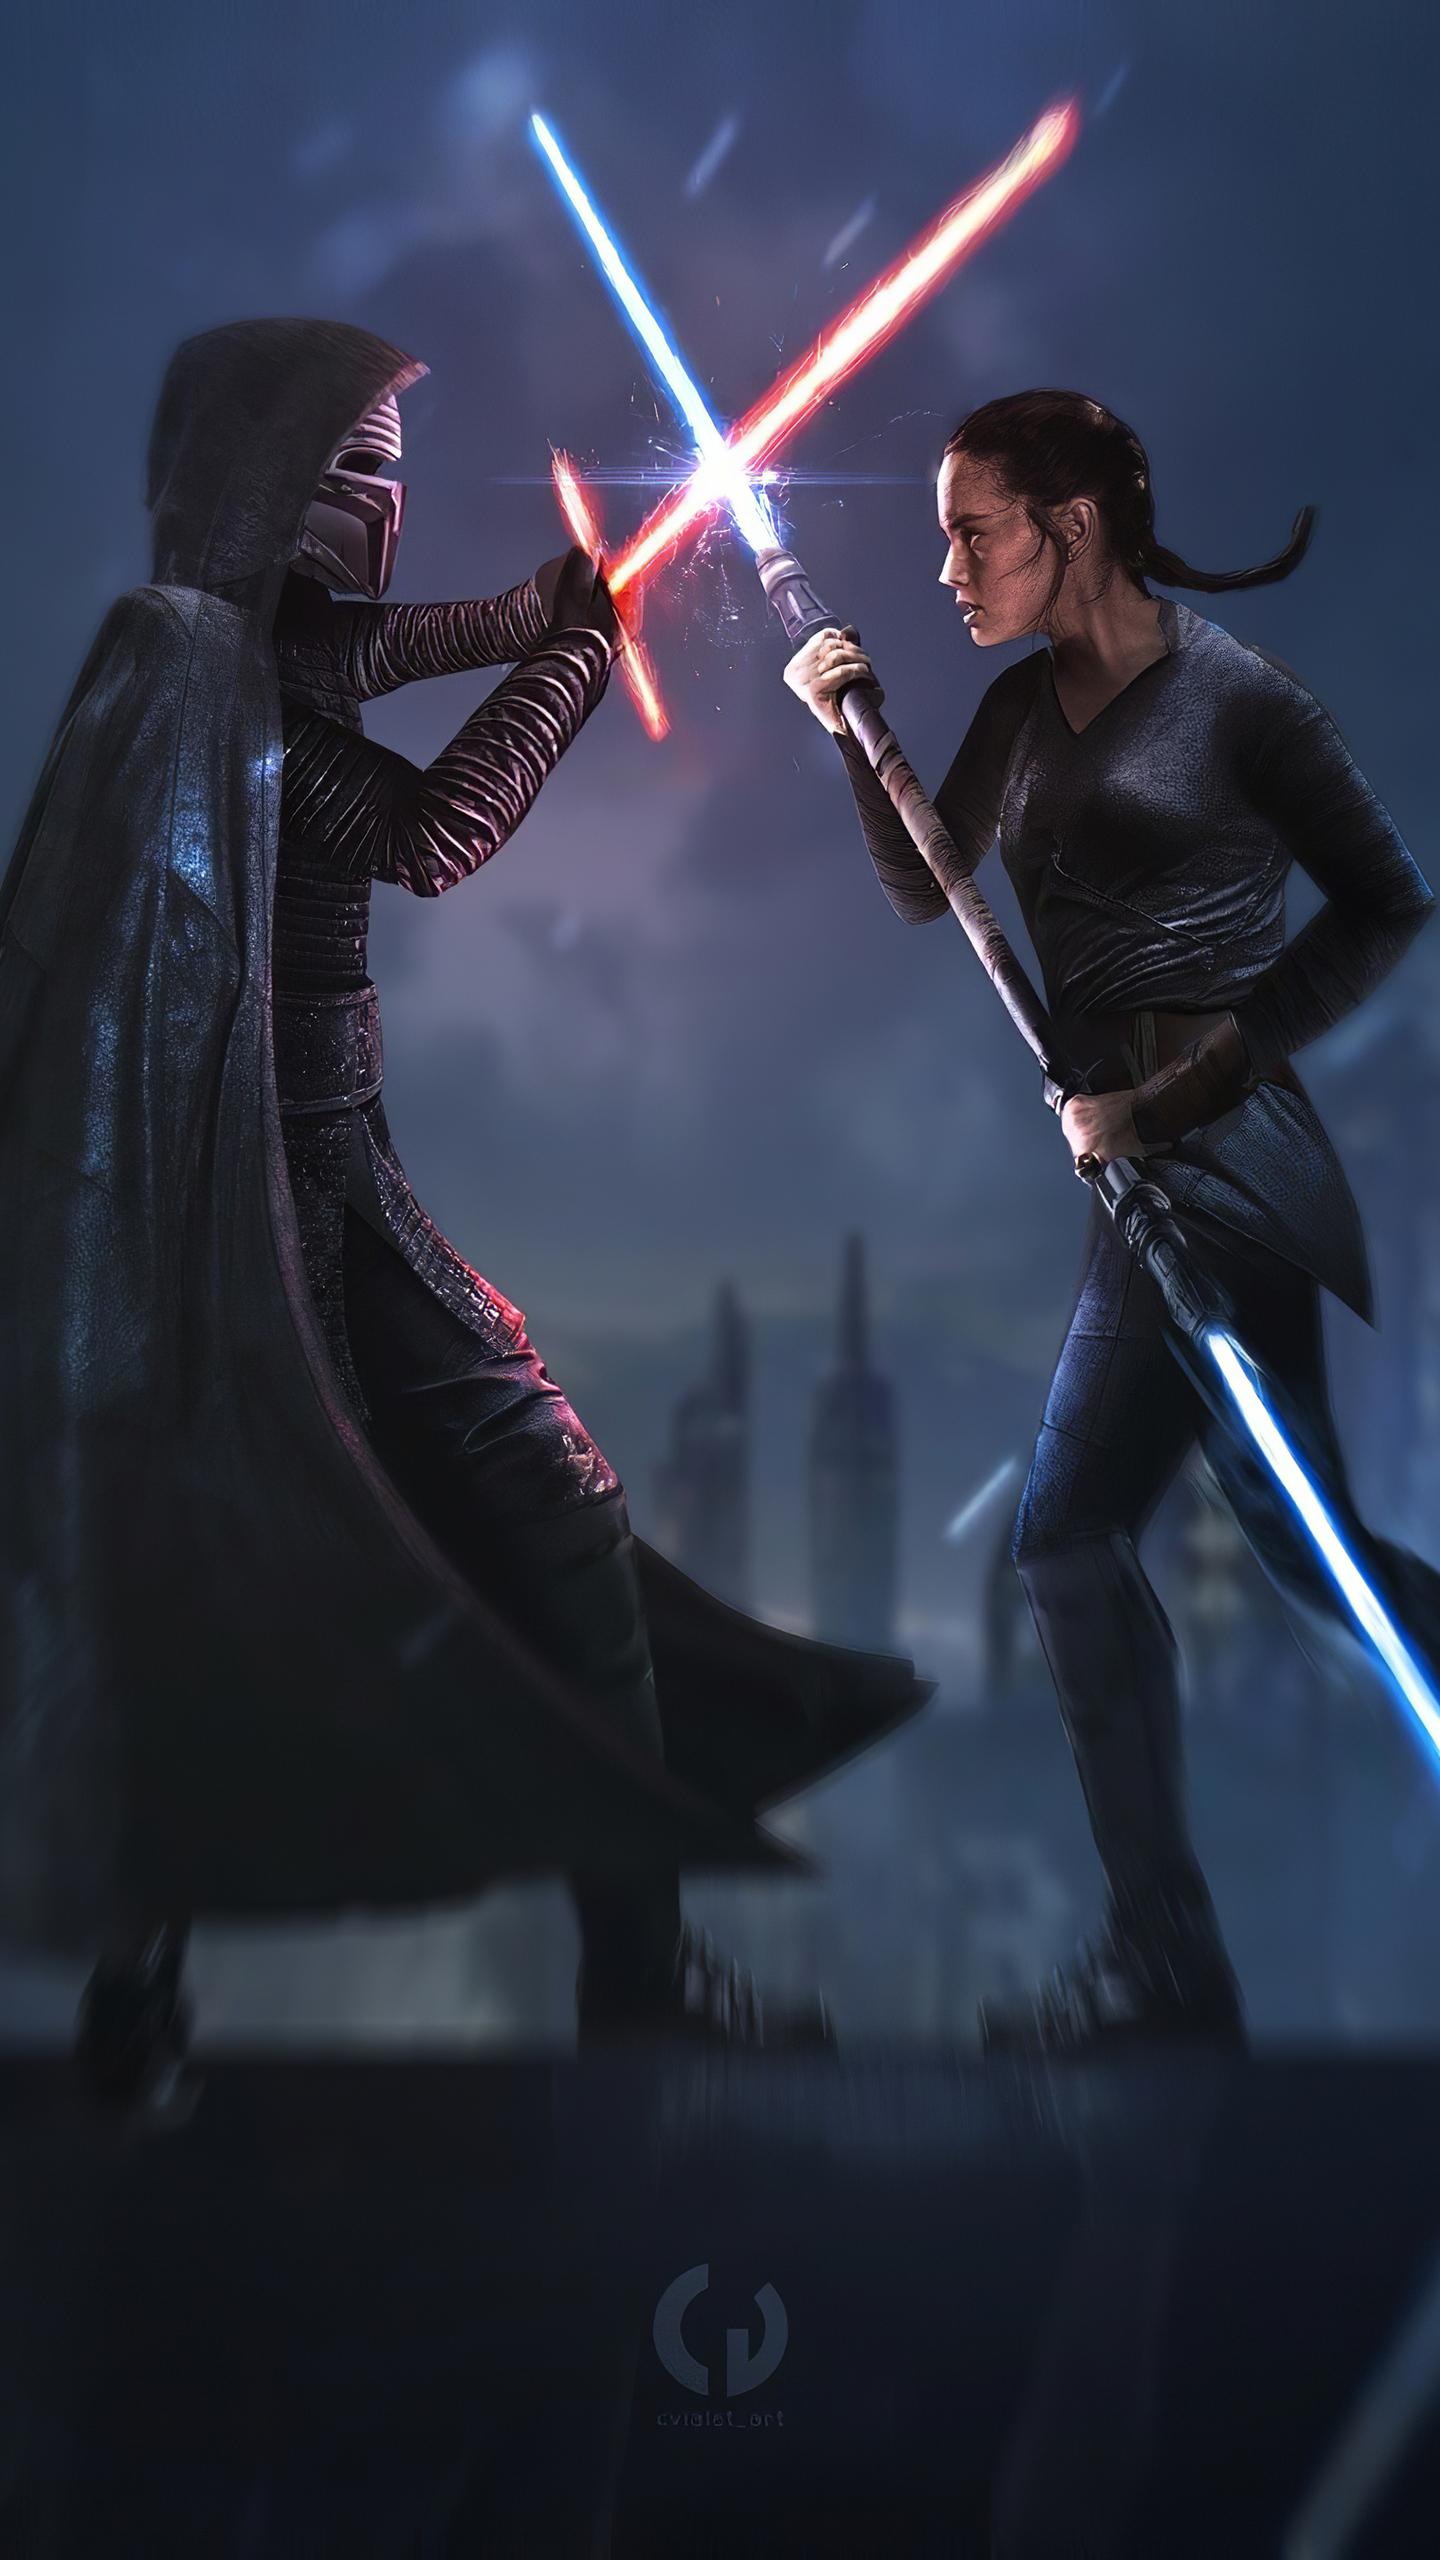 star-wars-ix-duel-of-fates-4k-w2.jpg